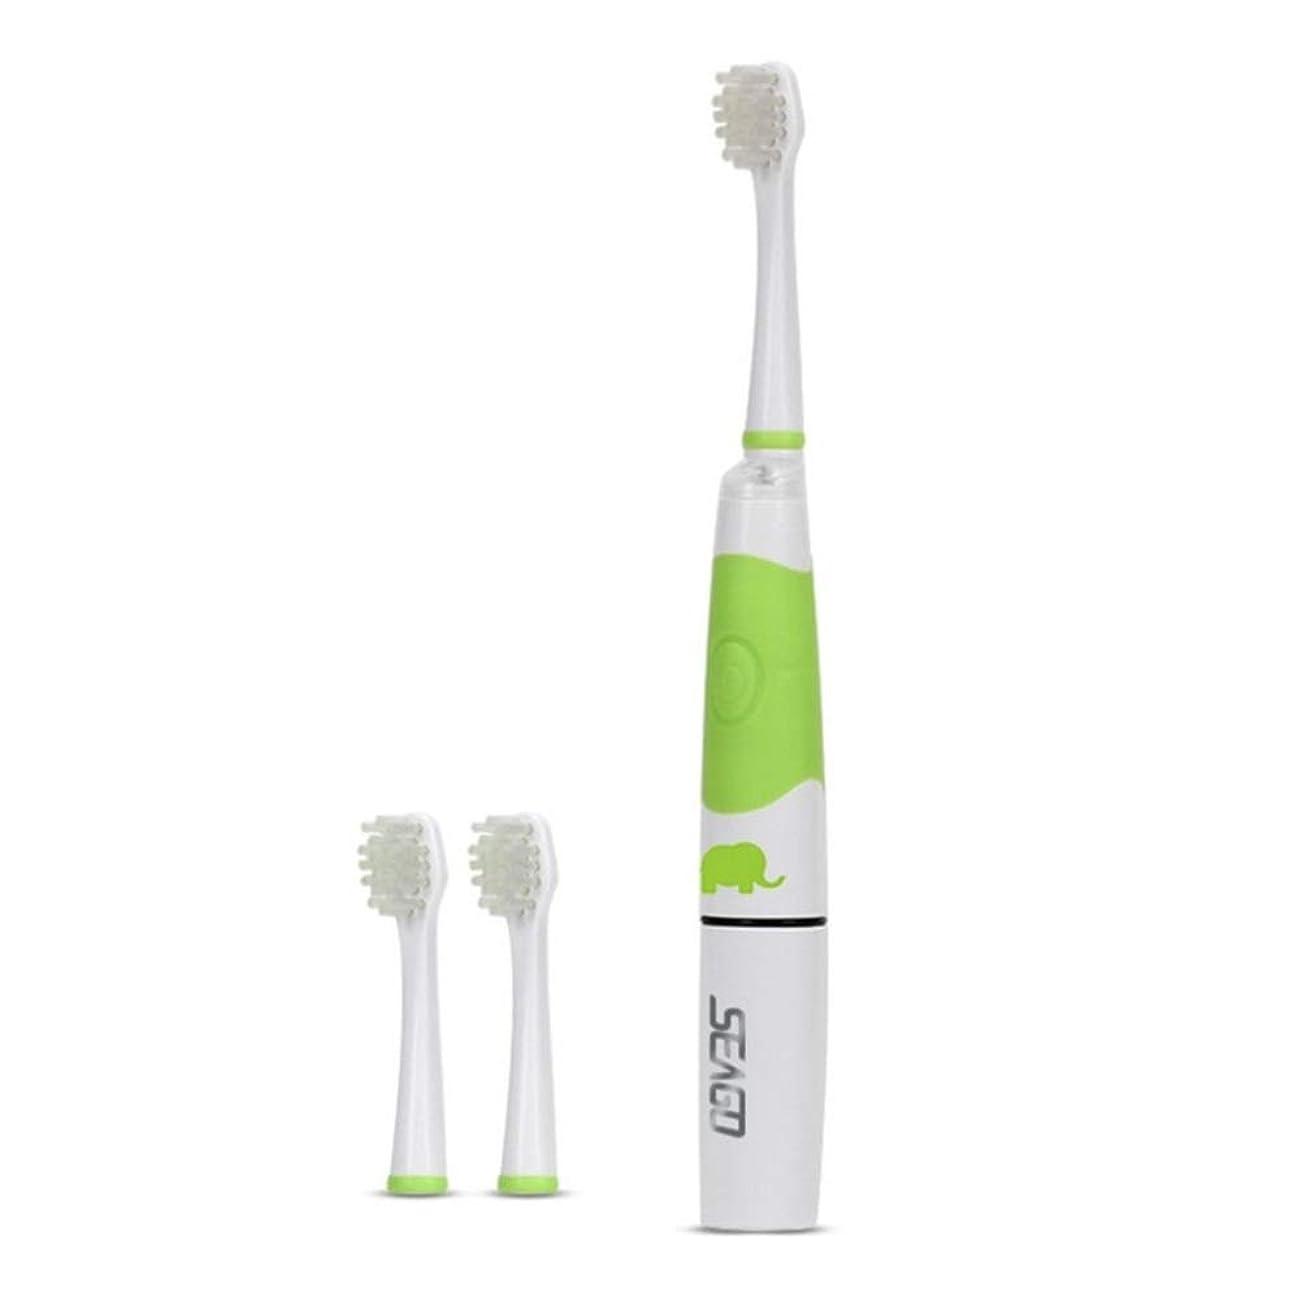 反対にツイン発言するSOOKi 子供ソニック電動歯ブラシLEDライトキッズソニック歯ブラシスマートリマインダー赤ちゃんの歯ブラシ幼児歯ブラシで余分2交換可能なブラシヘッド用2-7子供,Green